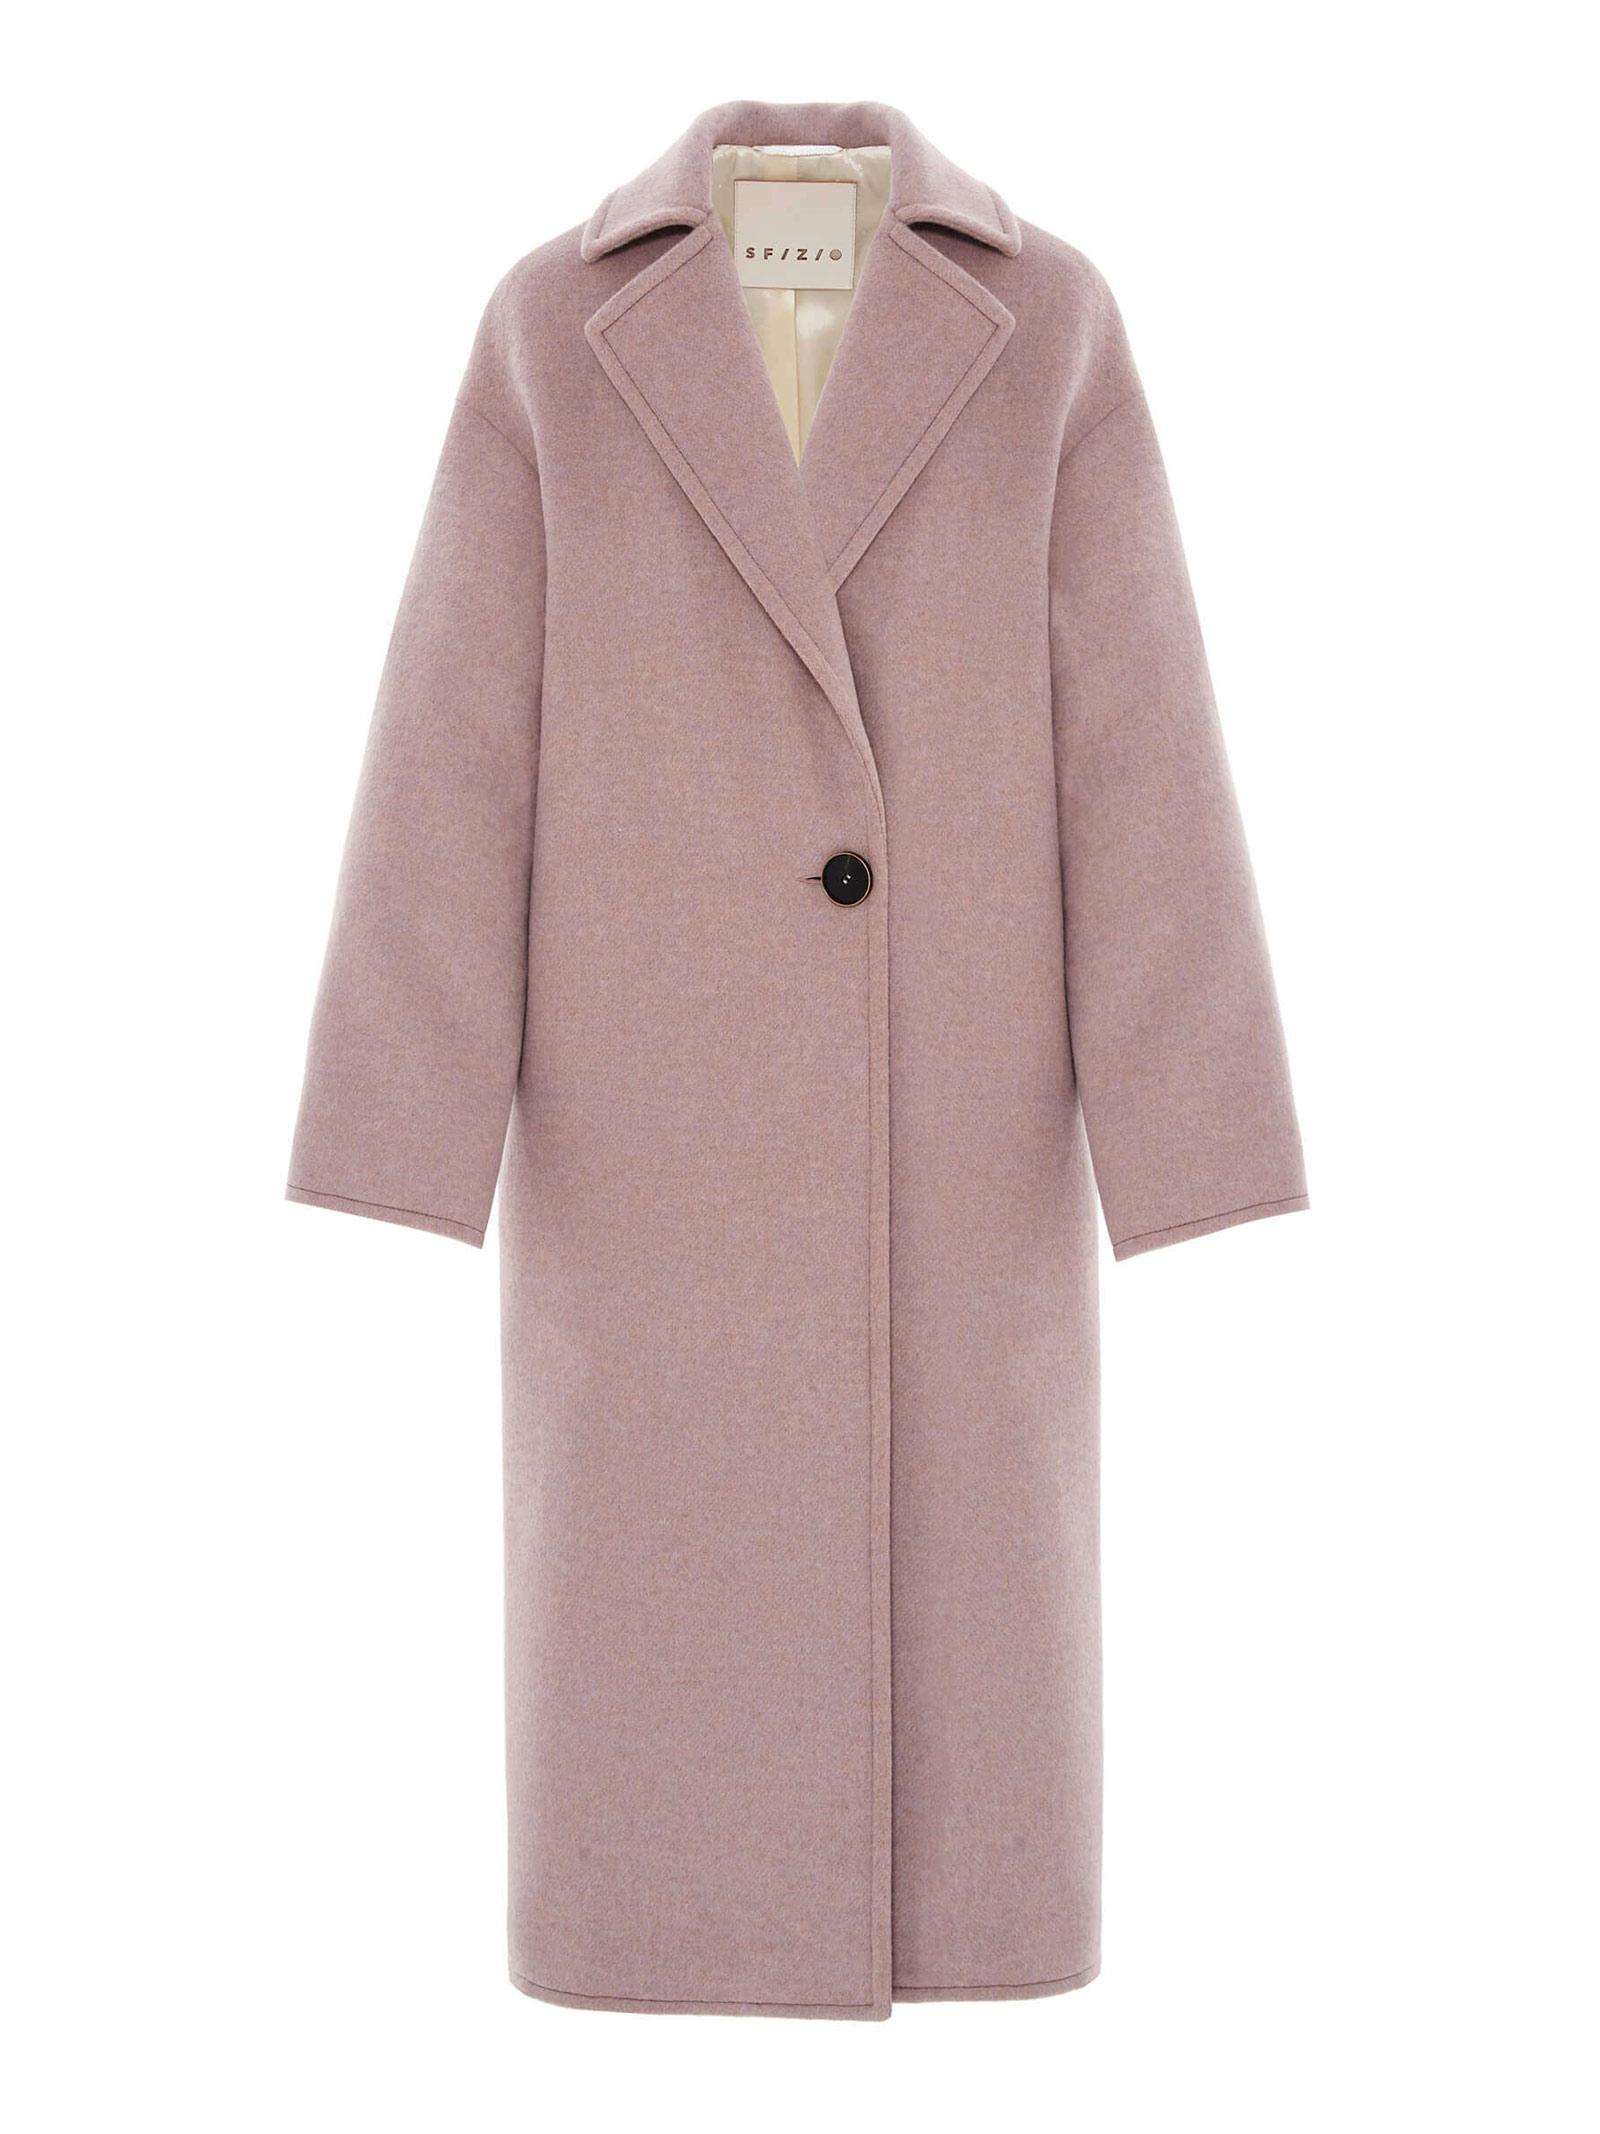 Coat Yemix  SFIZIO | Coats | 21FA2366BYEMIX410